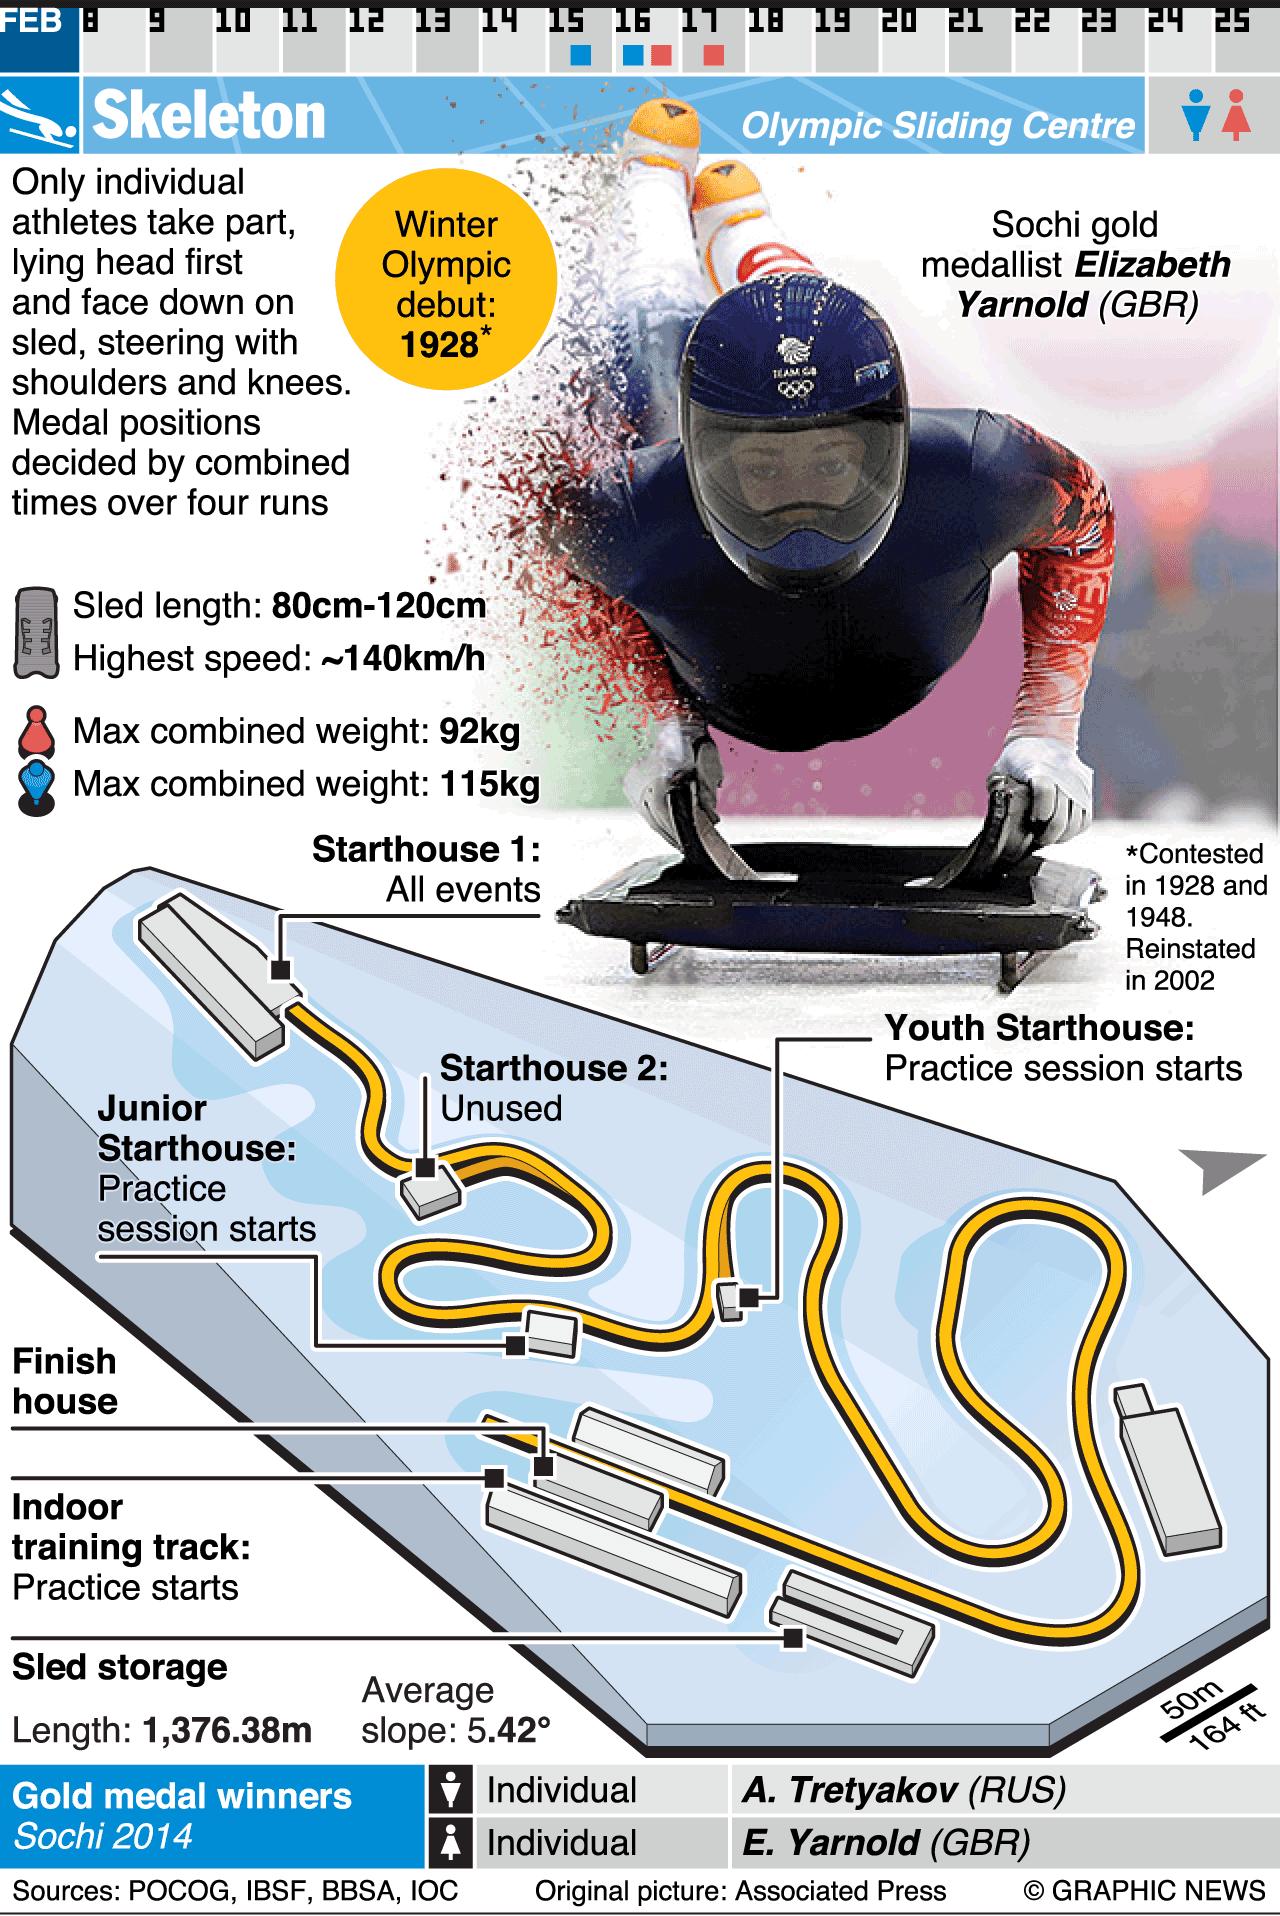 PYEONGCHANG 2018 Skeleton (1) Winter olympic games